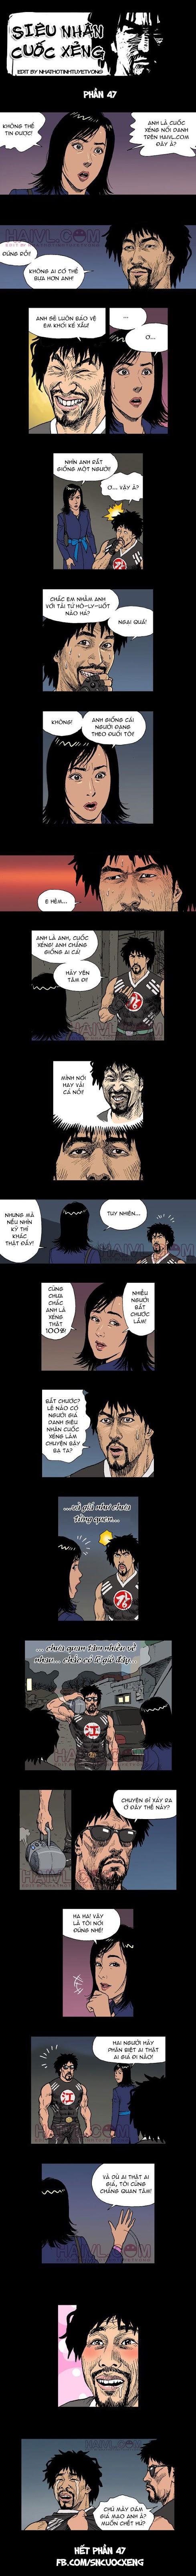 Siêu nhân Cuốc Xẻng (full bộ) phần 47